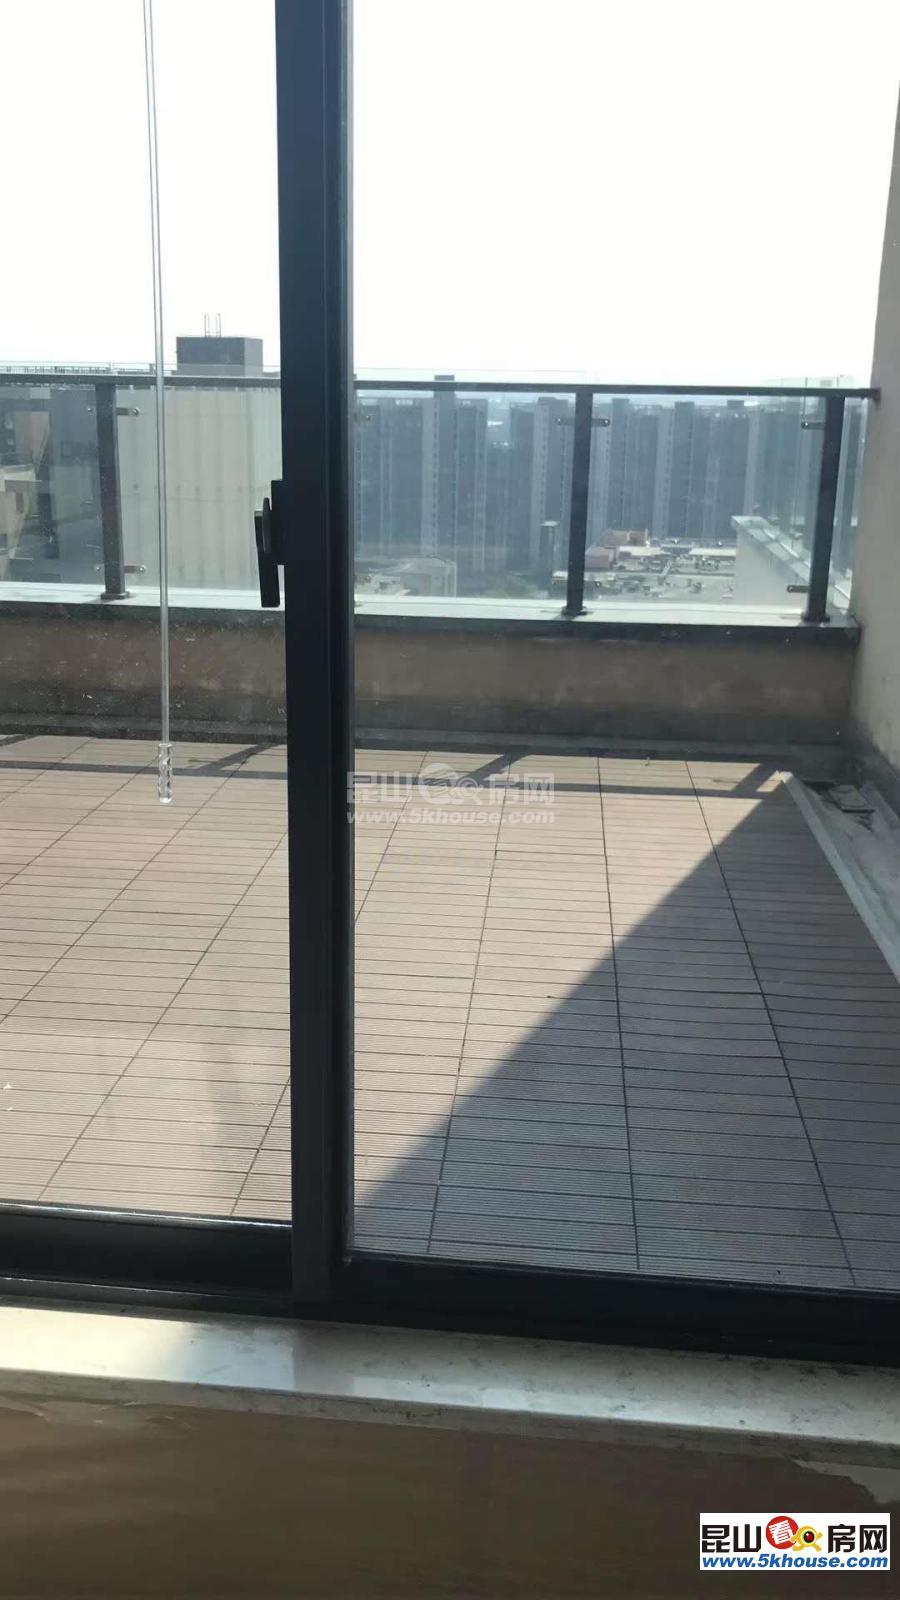 游站 2200元月 3室2厅2卫 简单装修 采光好,随时看房